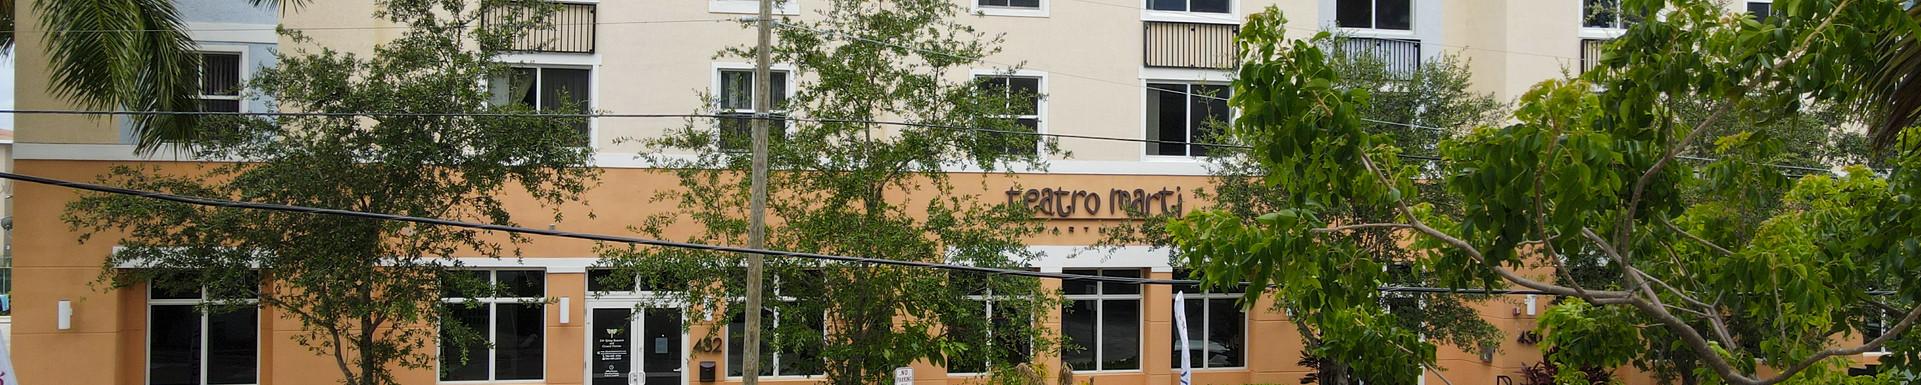 Teatro Marti Building Exterior